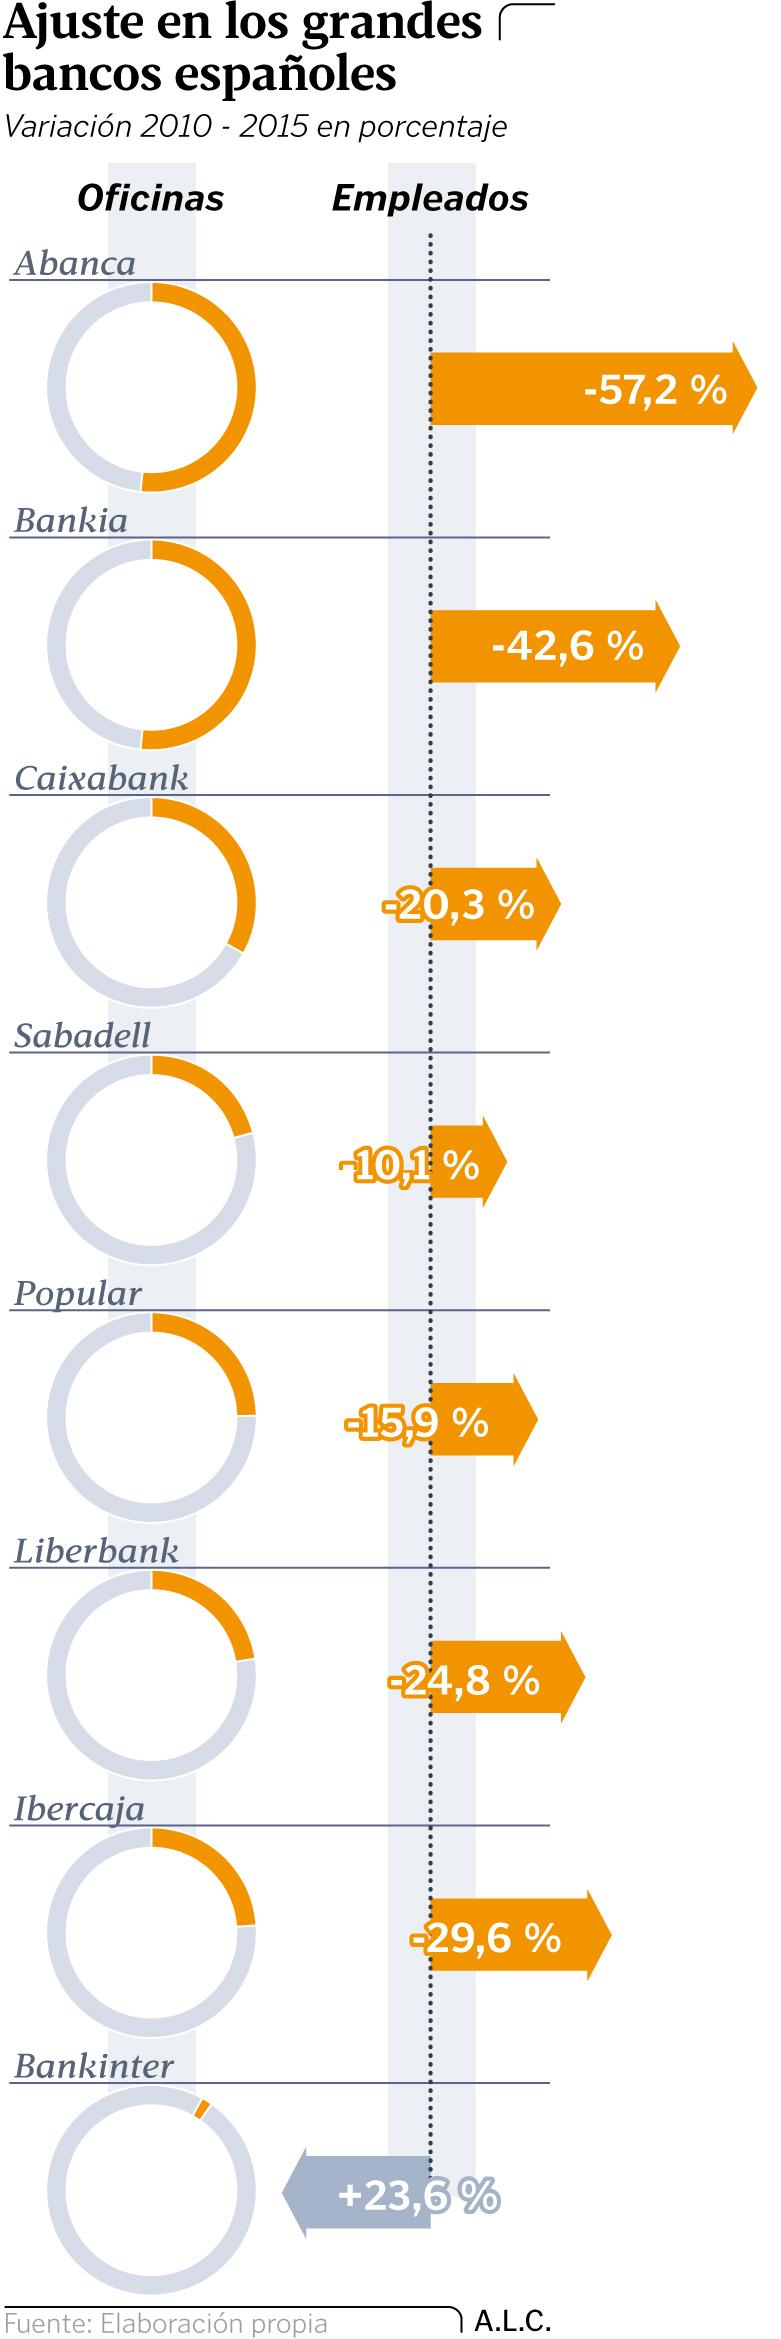 Negocio de la banca en España. El gobierno avala a la banca privada por otros 100.000 millones. Cooperación sindical.  - Página 7 Gl22p210